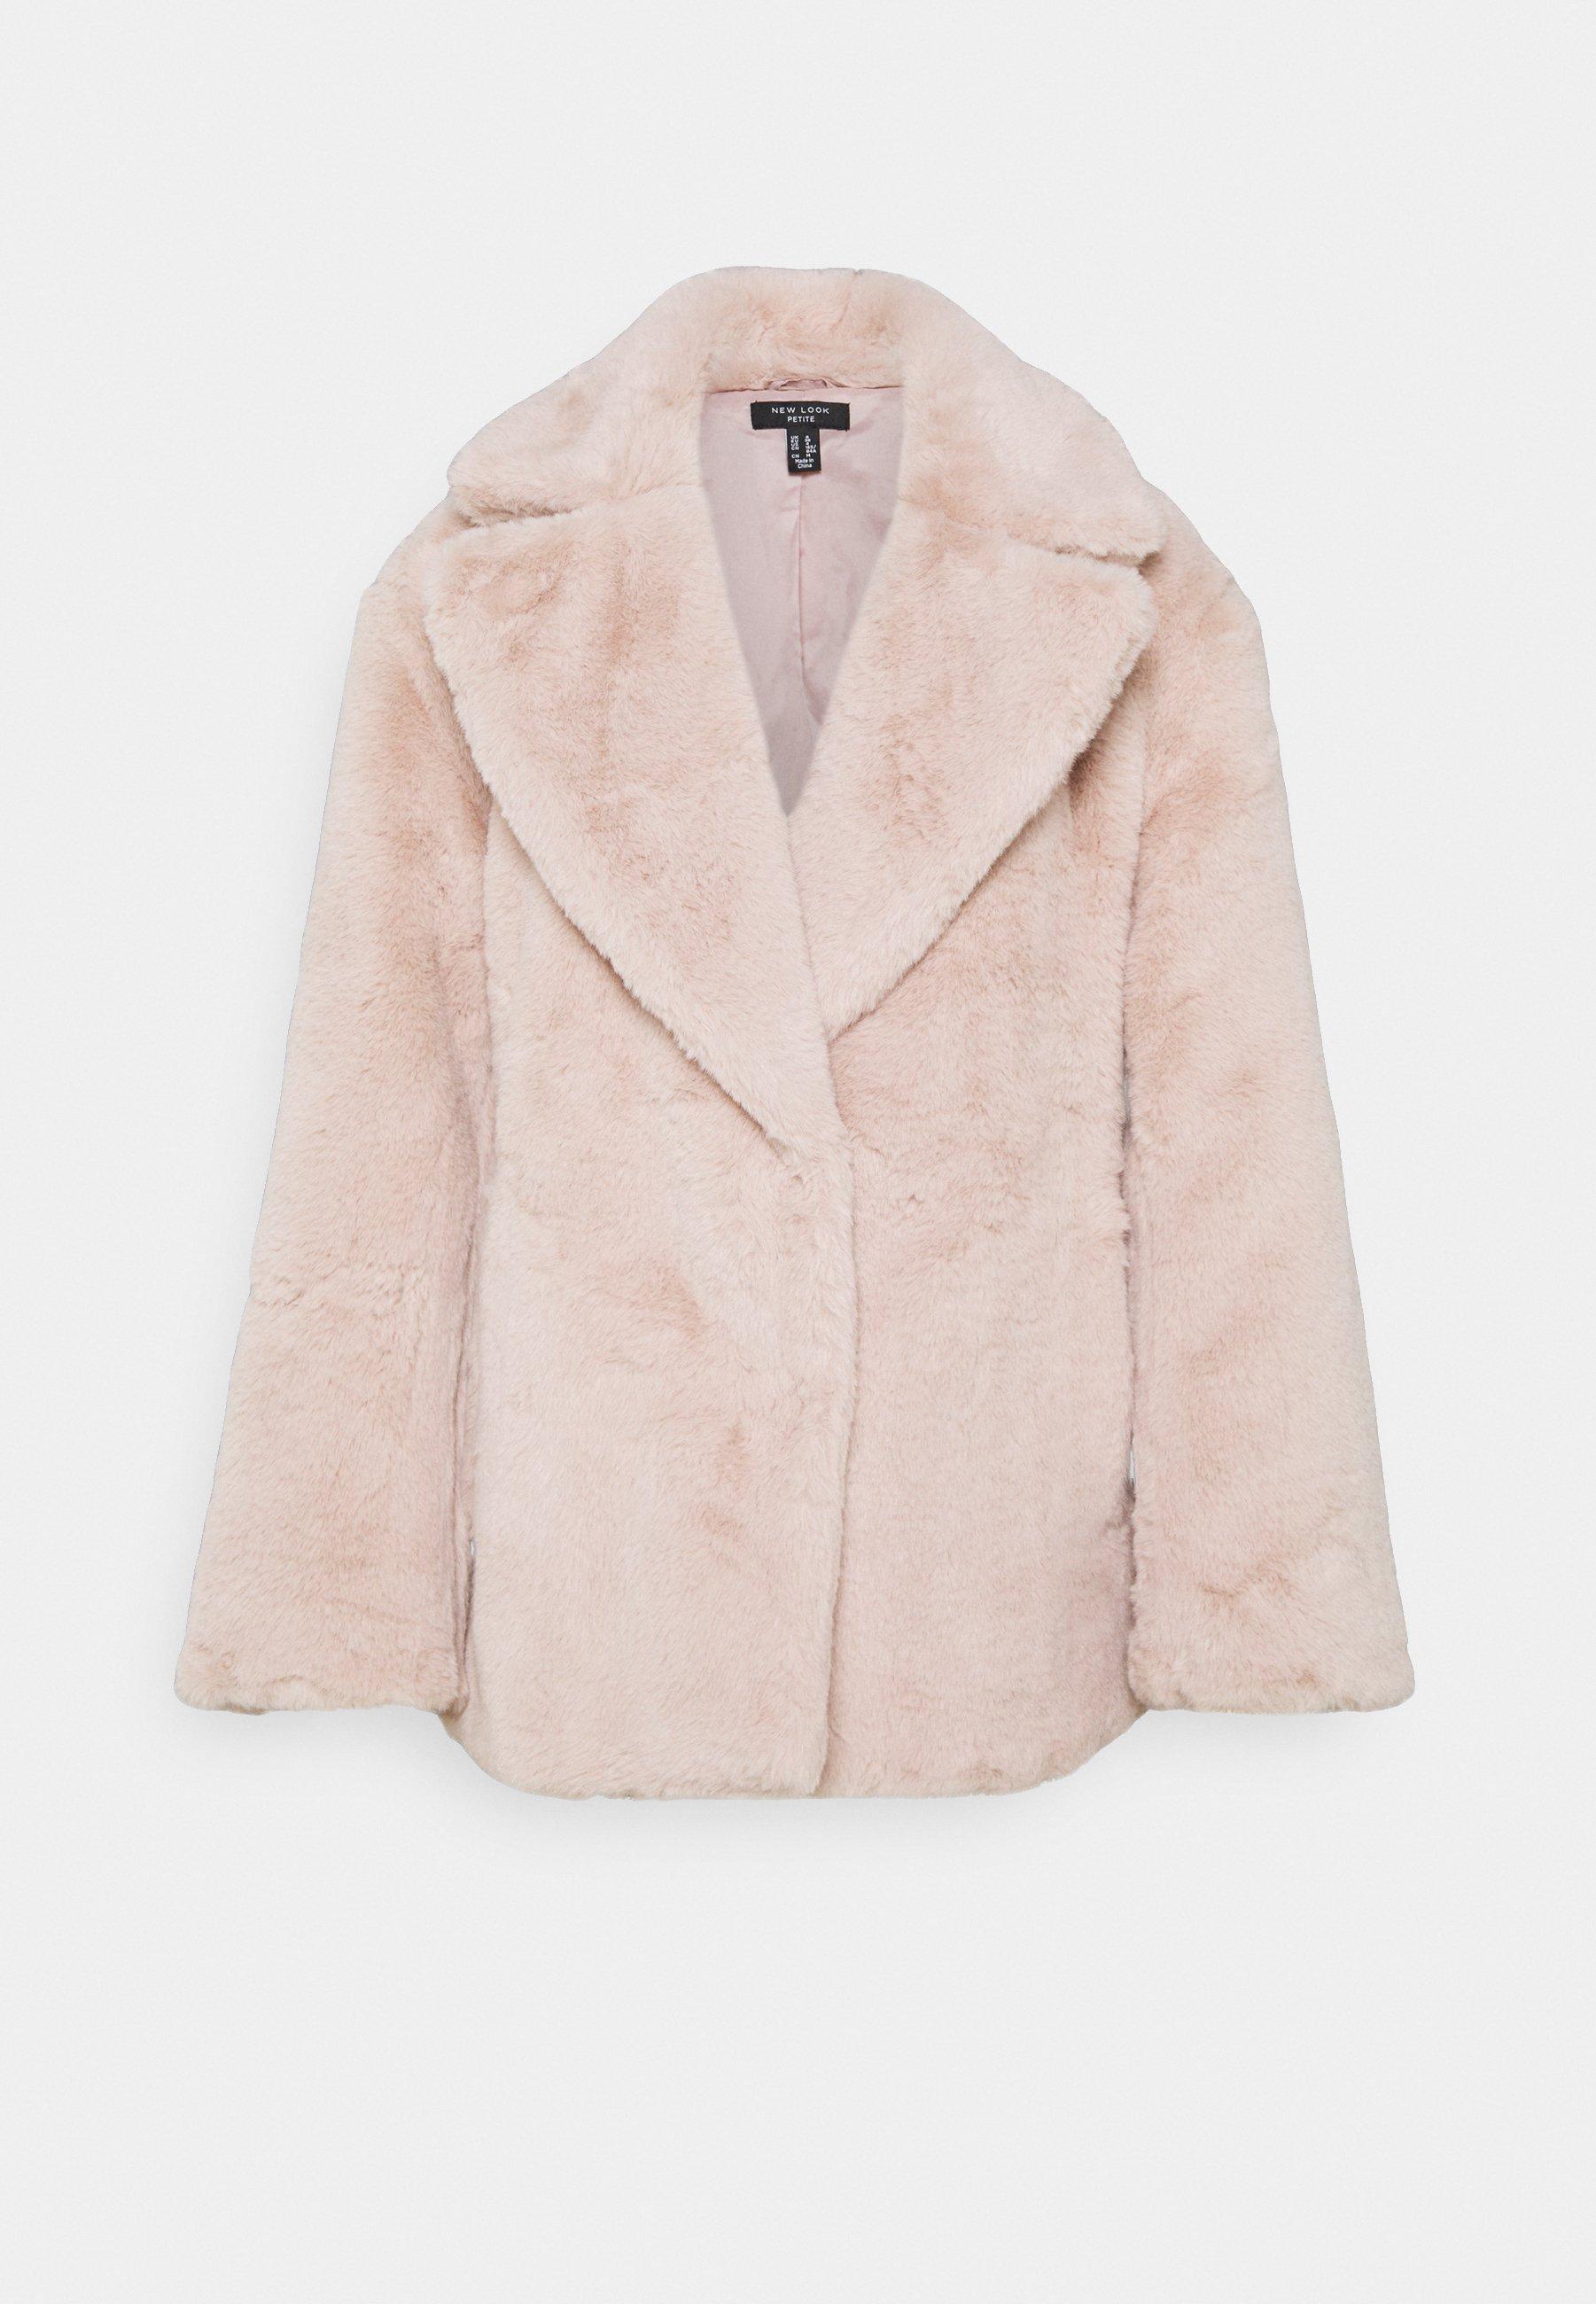 Roze Dames jassen online kopen | Gratis verzending* | ZALANDO